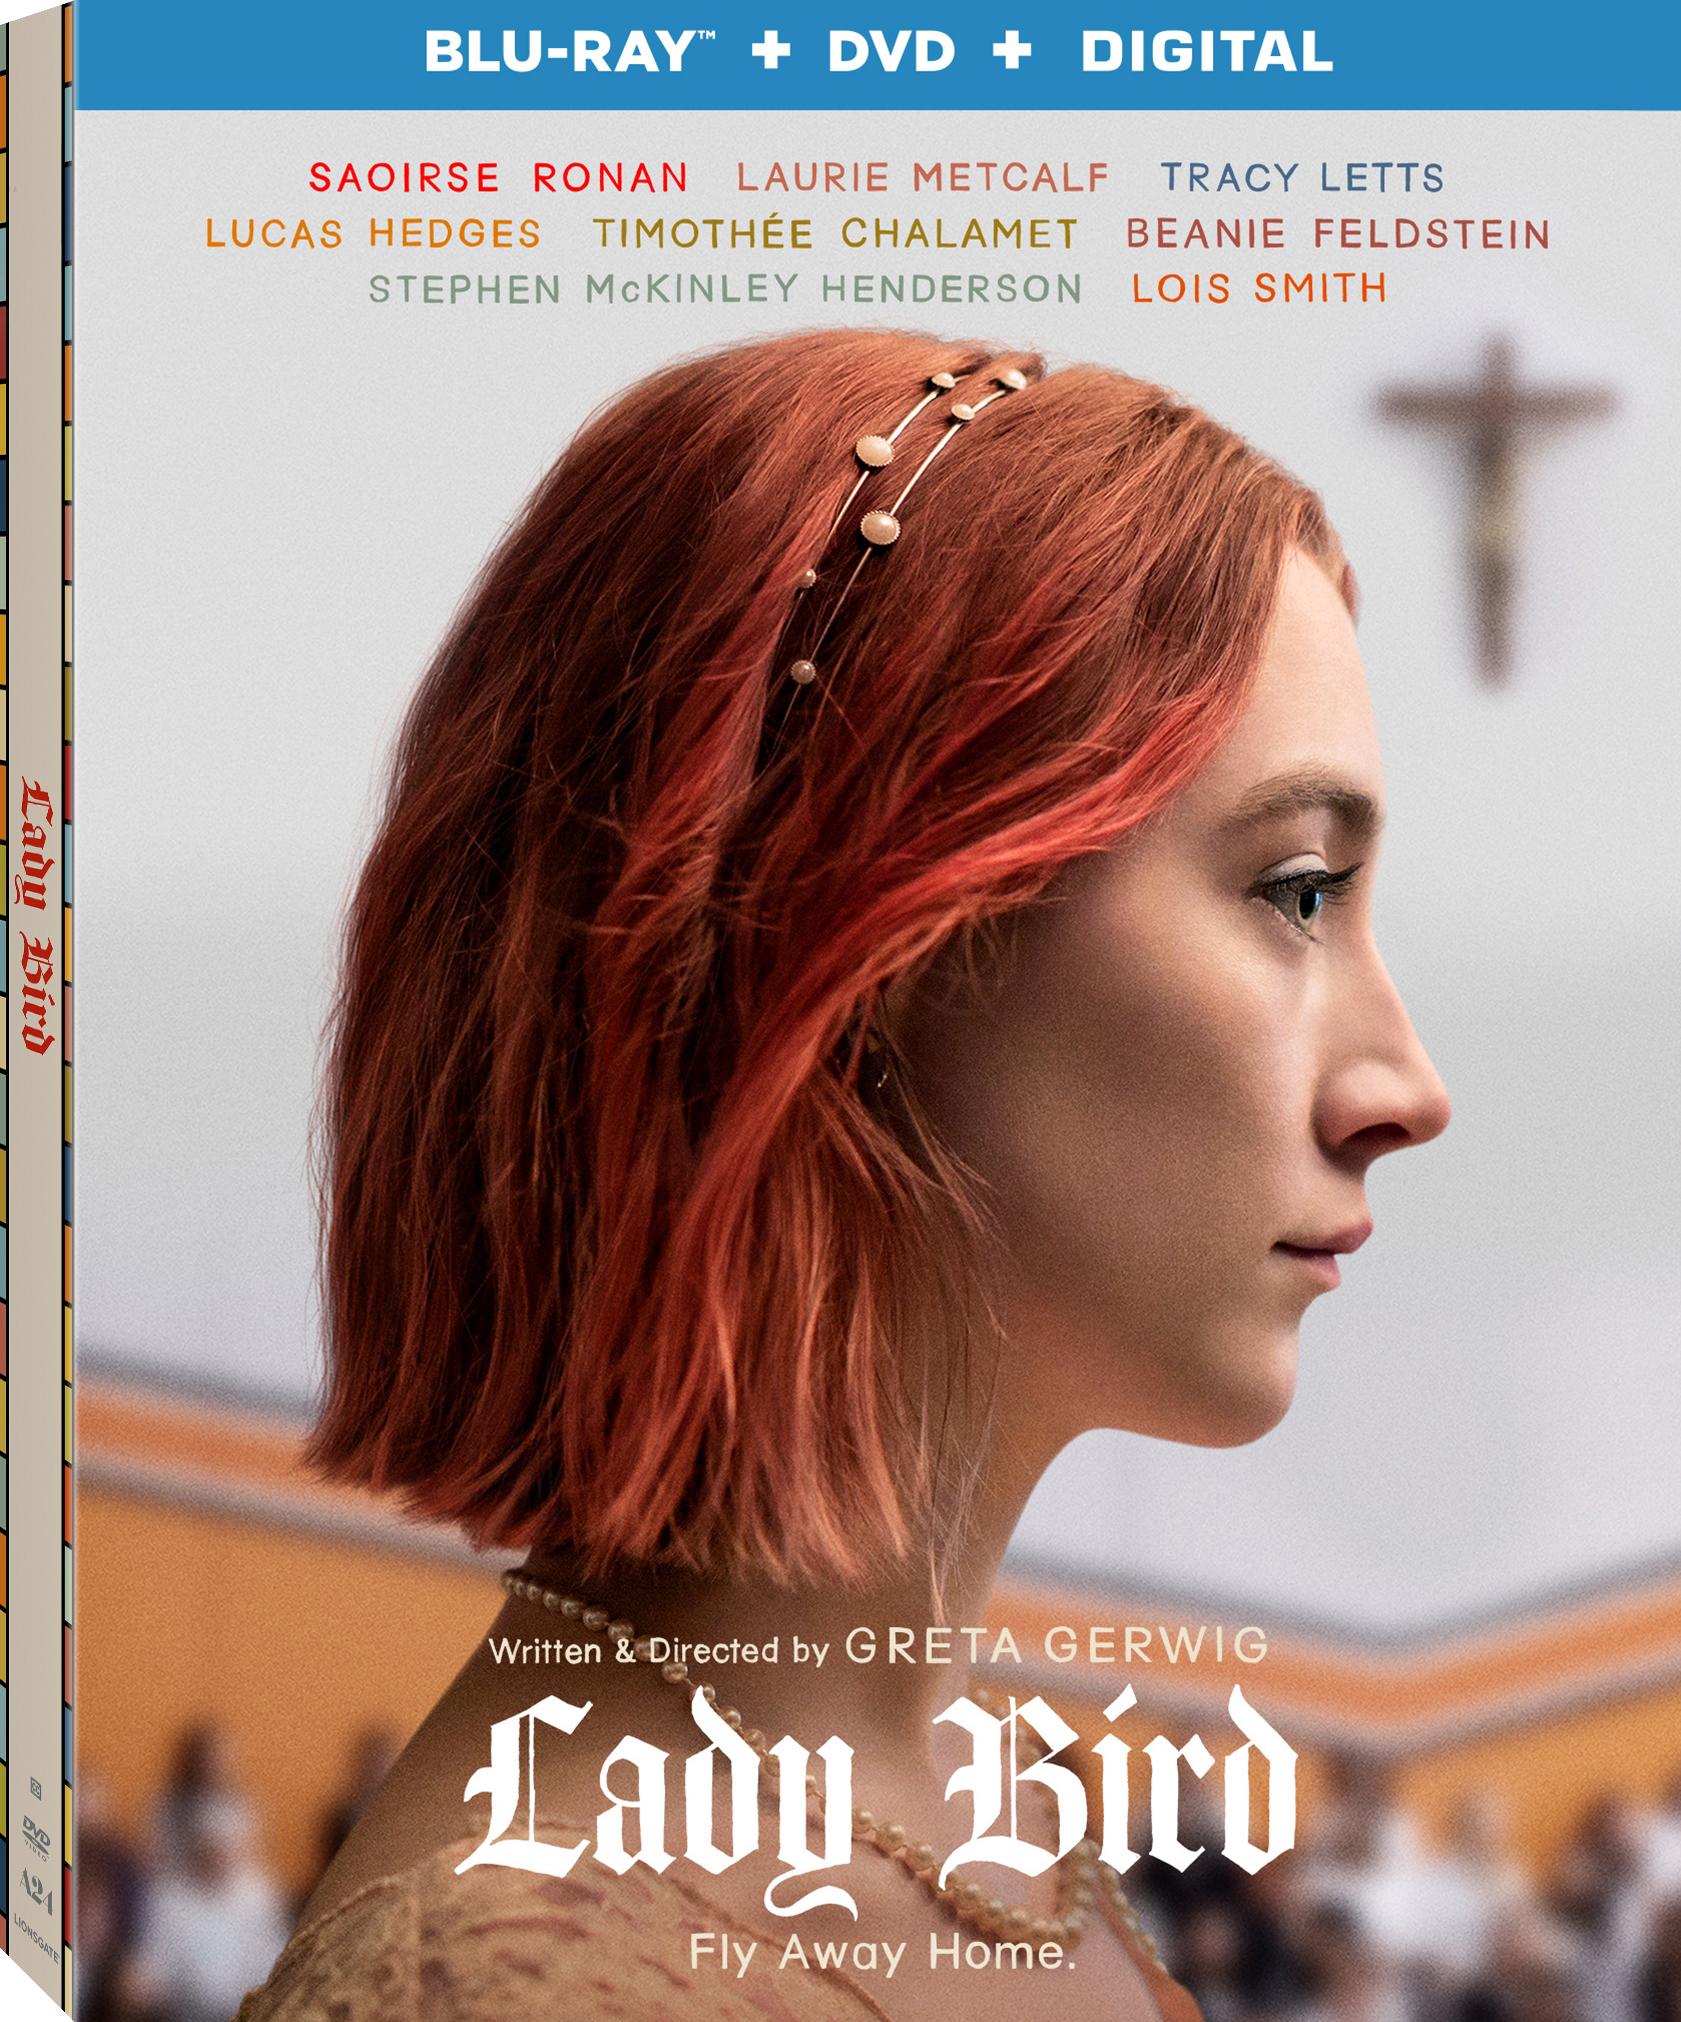 Lady Bird (2017) Blu-ray